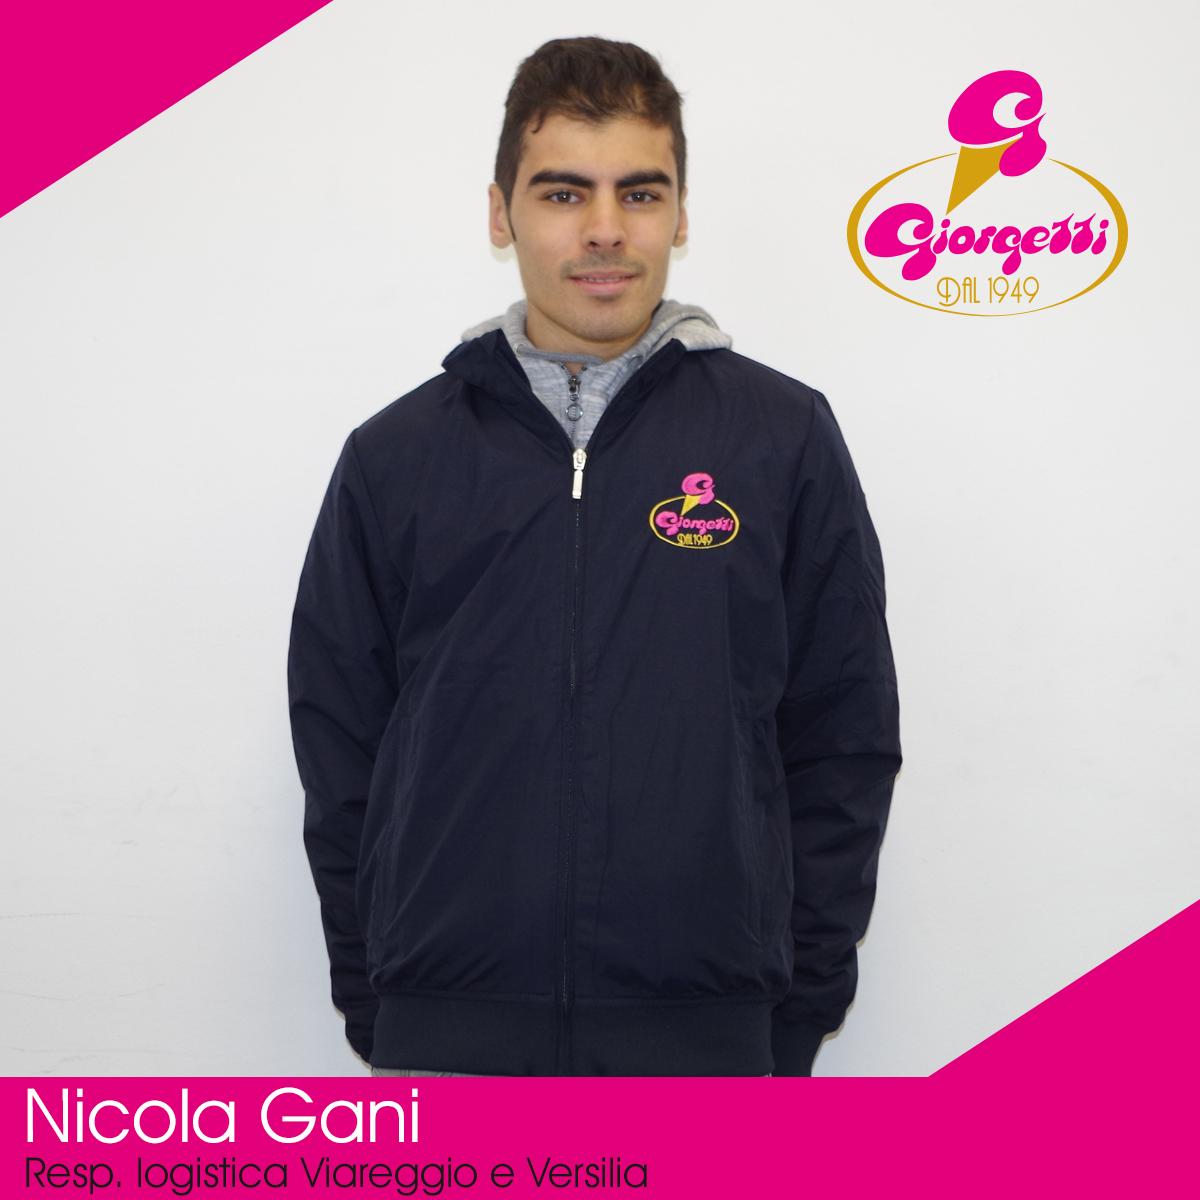 Nicola Gani